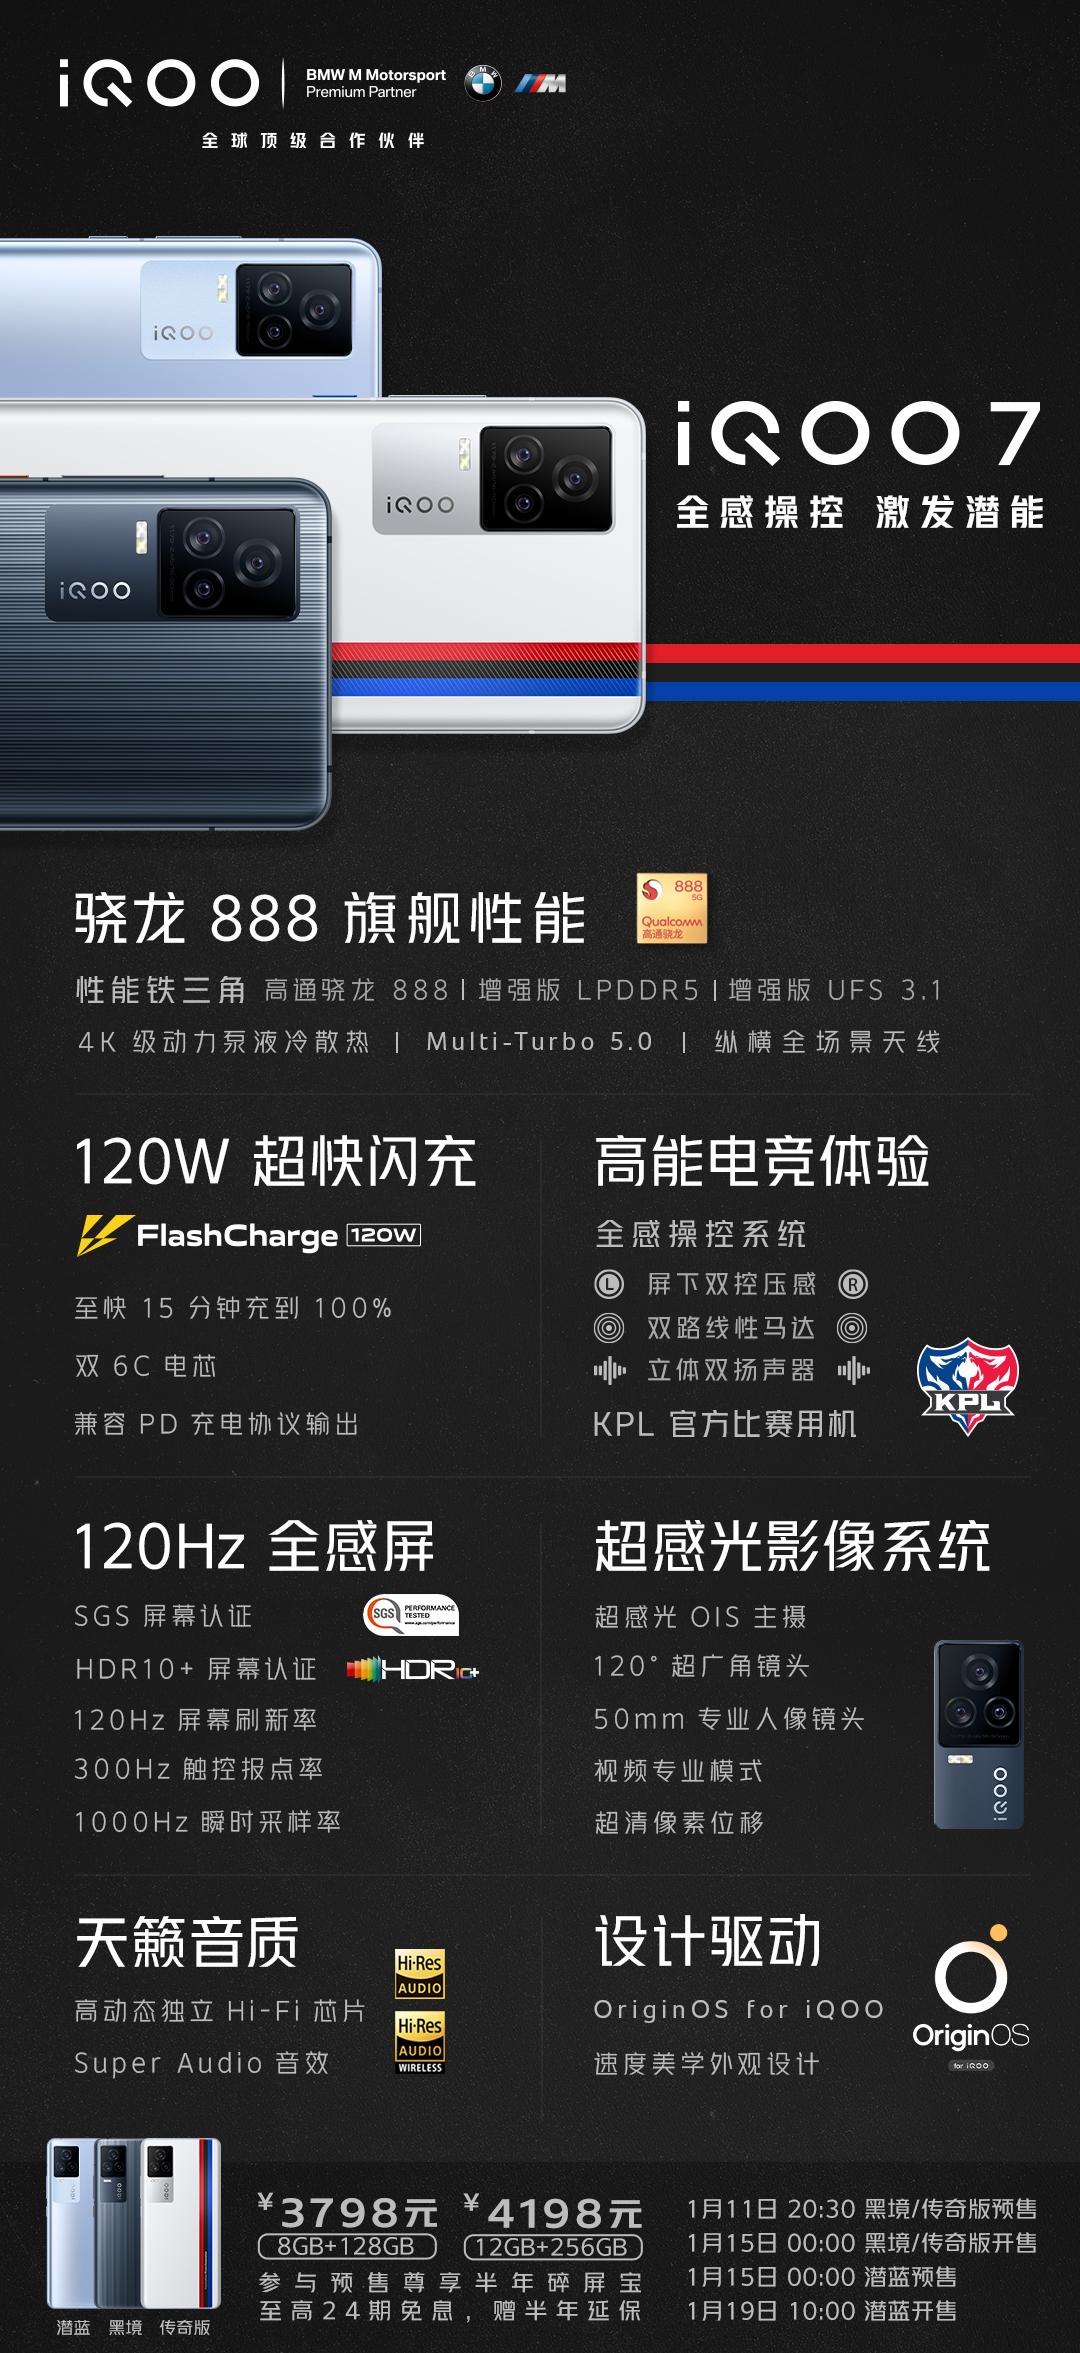 vivo iQOO 7智能手机正式发布:搭载高通骁龙888处理器-玩懂手机网 - 玩懂手机第一手的手机资讯网(www.wdshouji.com)